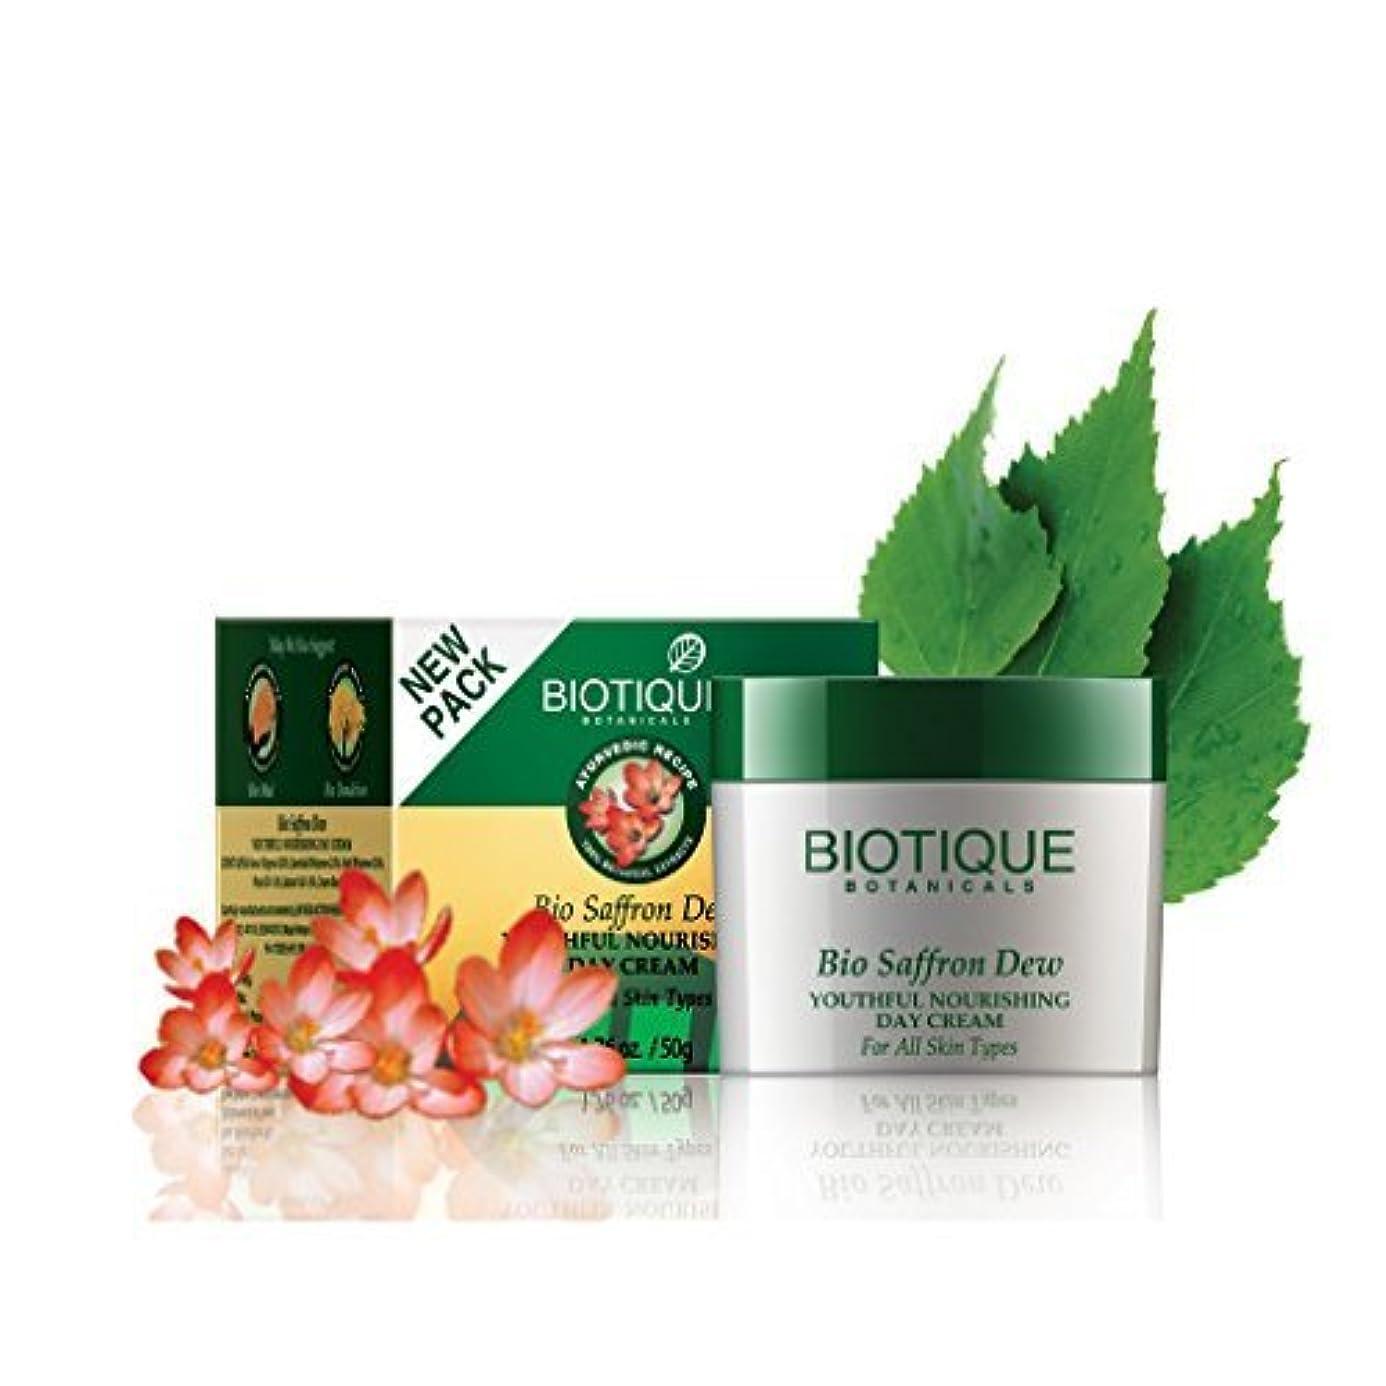 やる招待詳細にBiotique Saffron Dew 50g -- Ageless face & body cream by Biotique [並行輸入品]